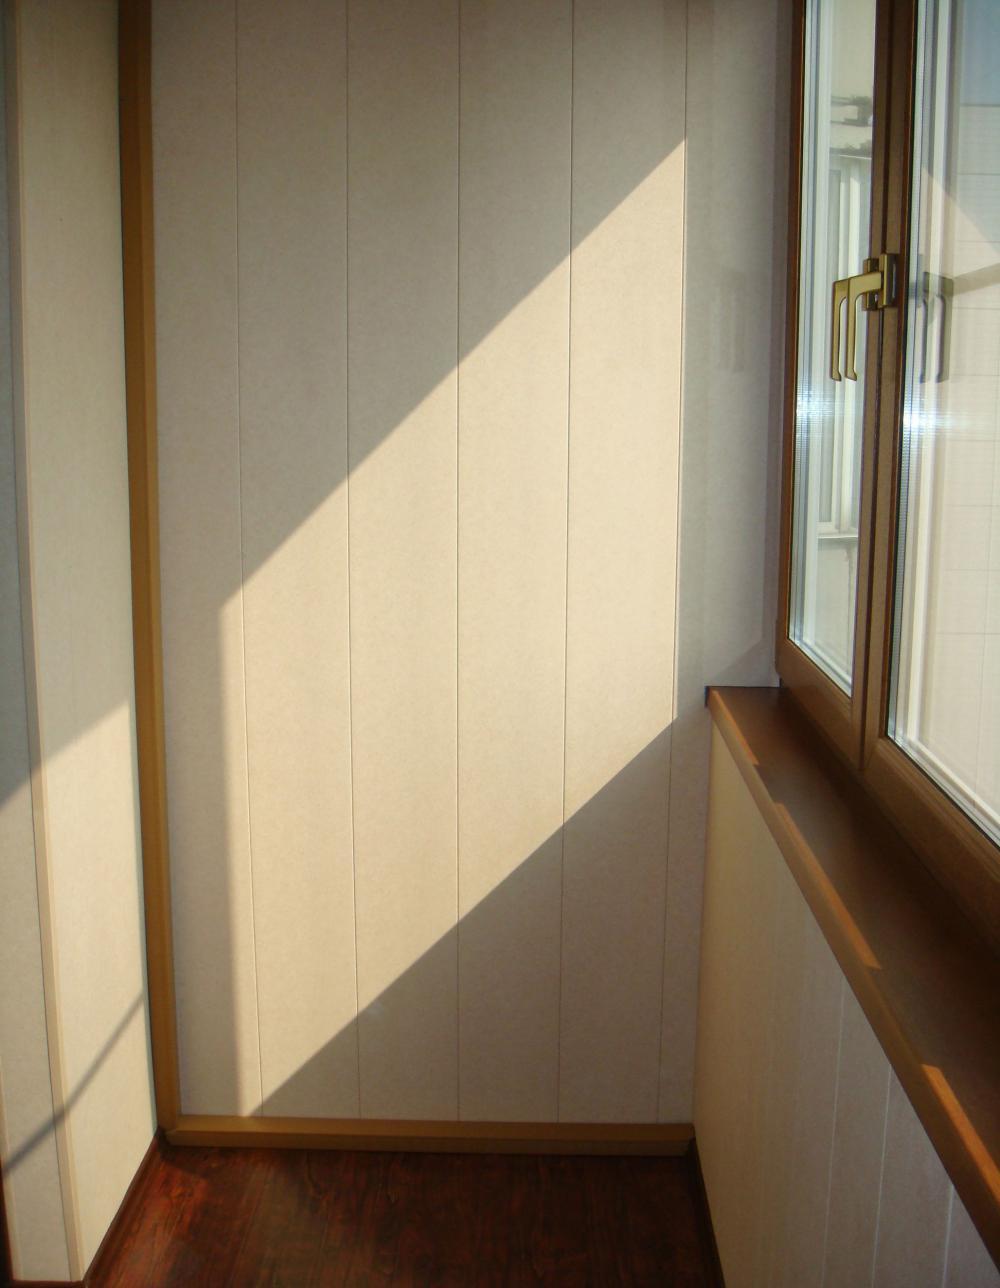 Примеры отделки балконов и лоджий пластиковыми панелями.